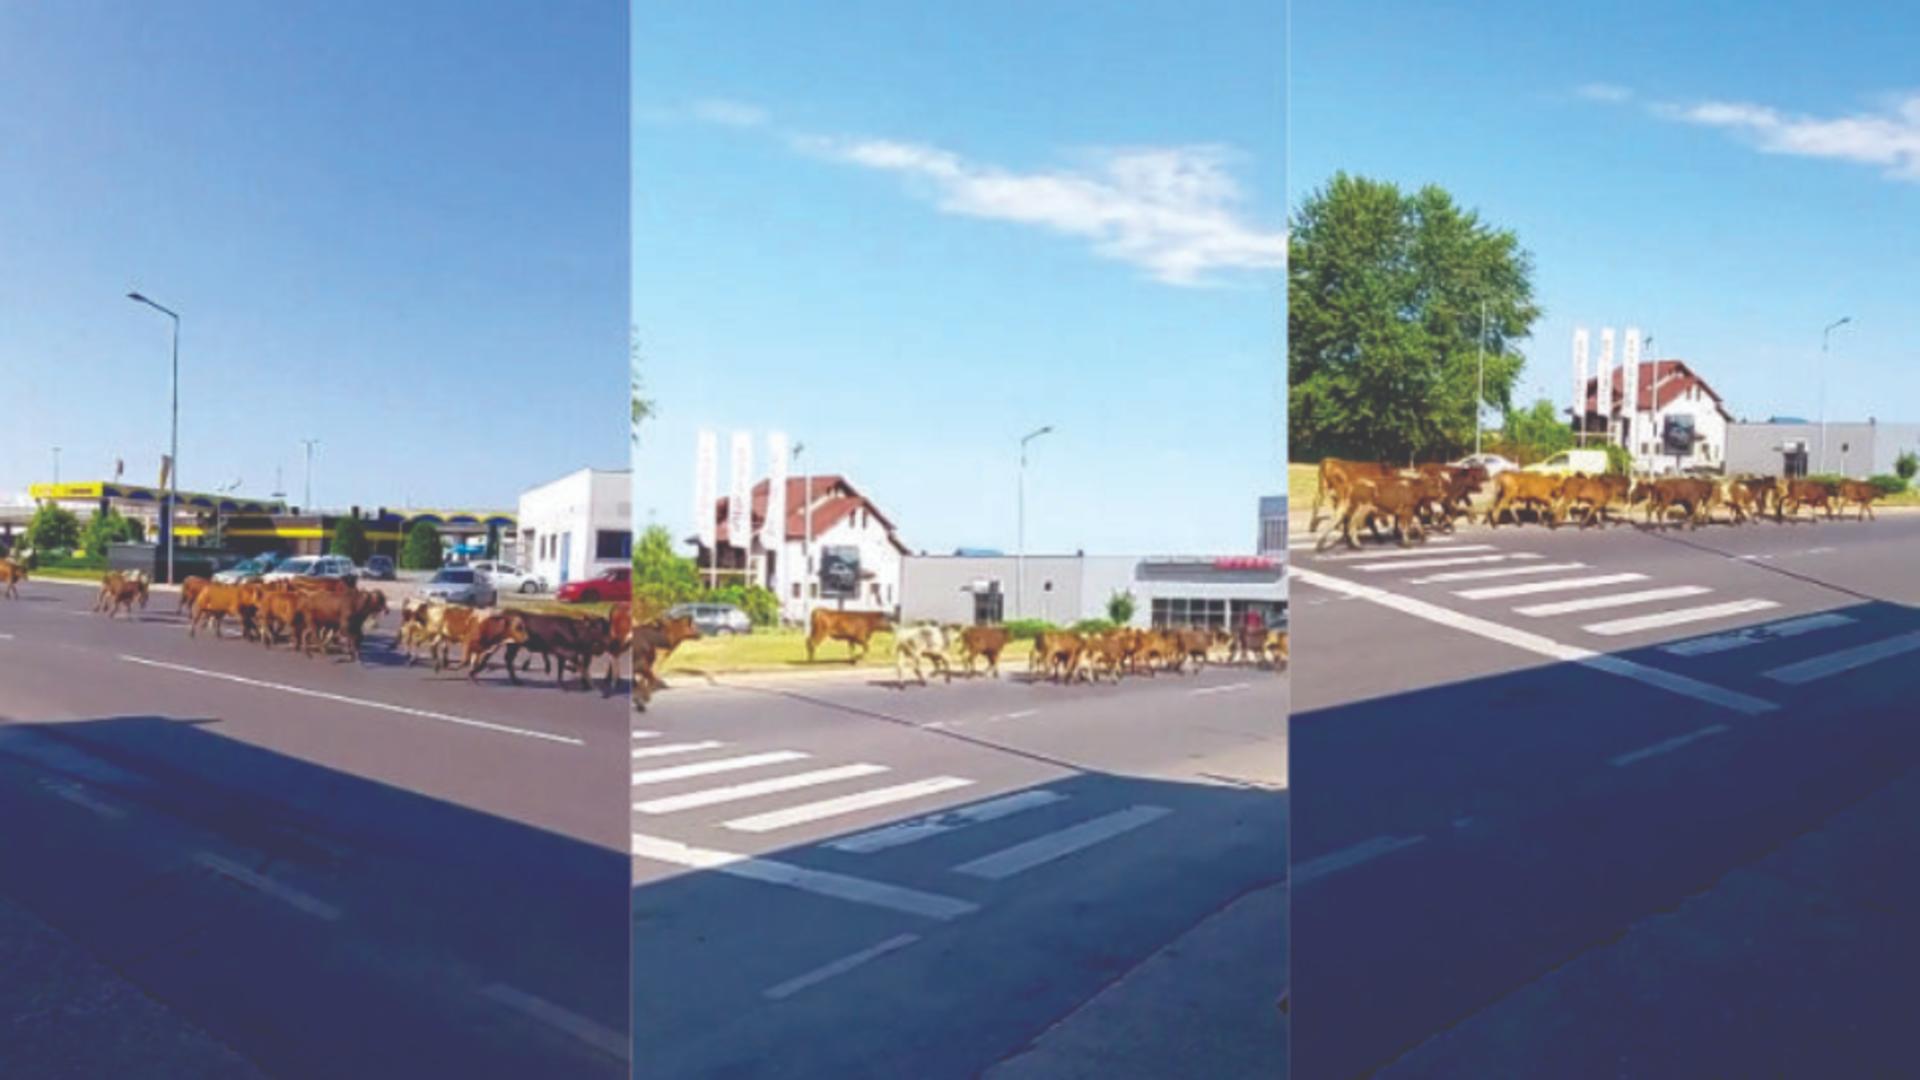 Mai multe animale, la plimbare pe o șosea din Pitești. Foto: captură video